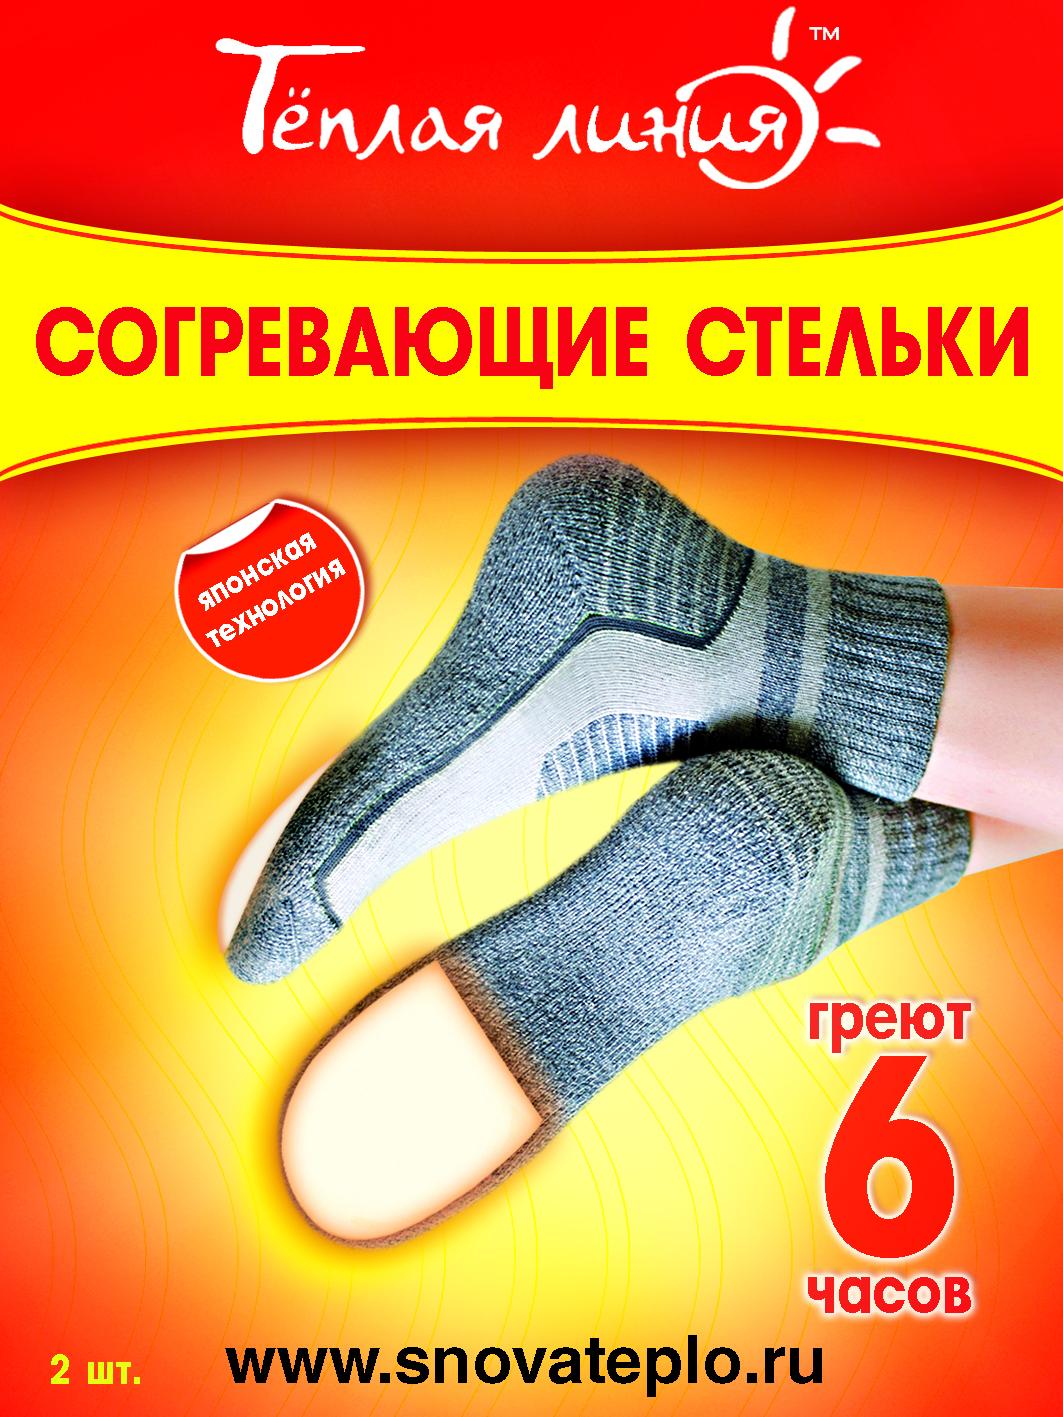 Сбор заказов. Даешь долгие зимние прогулки! Согревающие стельки для детей и взрослых по 33 рубля - 3